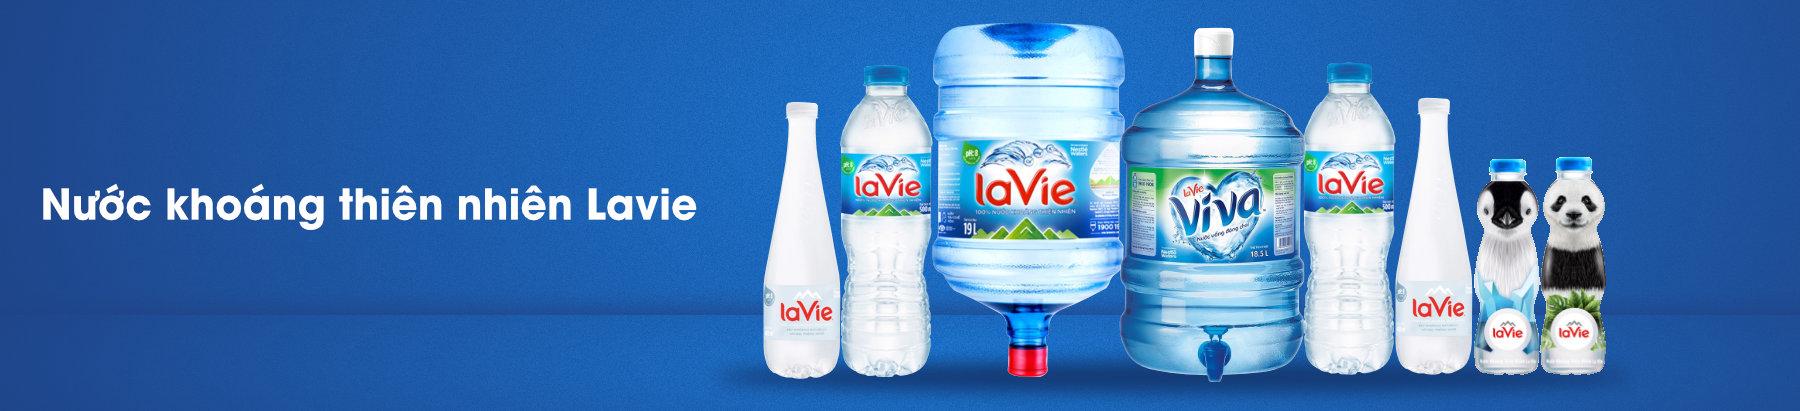 Nước Lavie - Viva